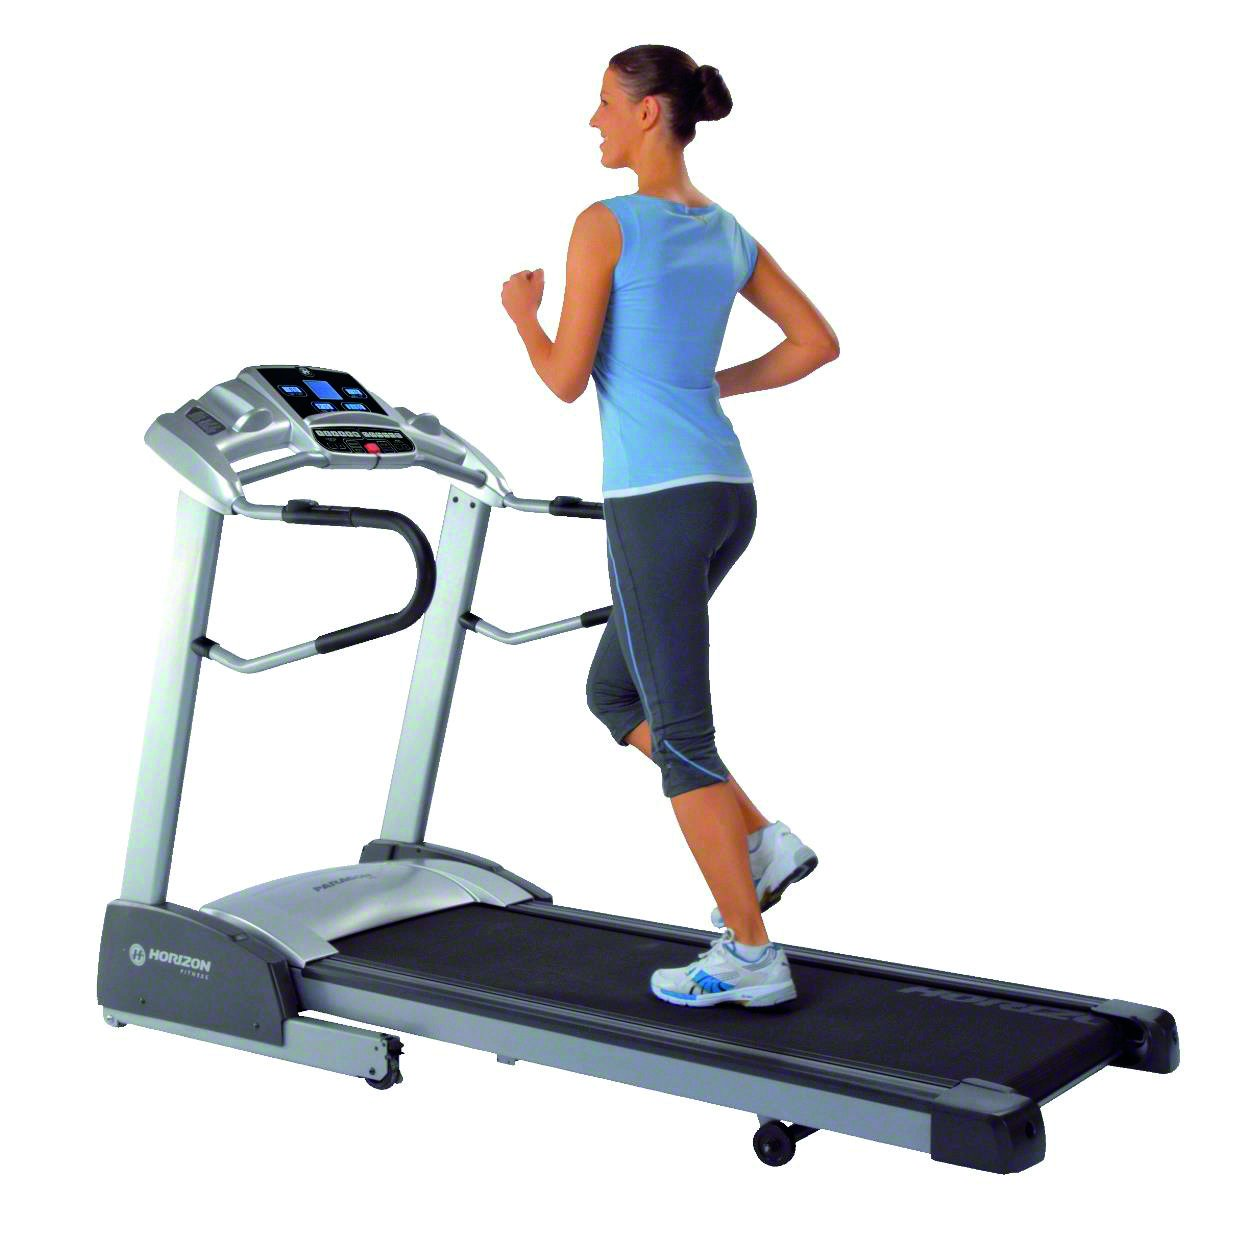 Horizon Cinta de Correr Fitness Paragon 508: Amazon.es: Deportes y ...